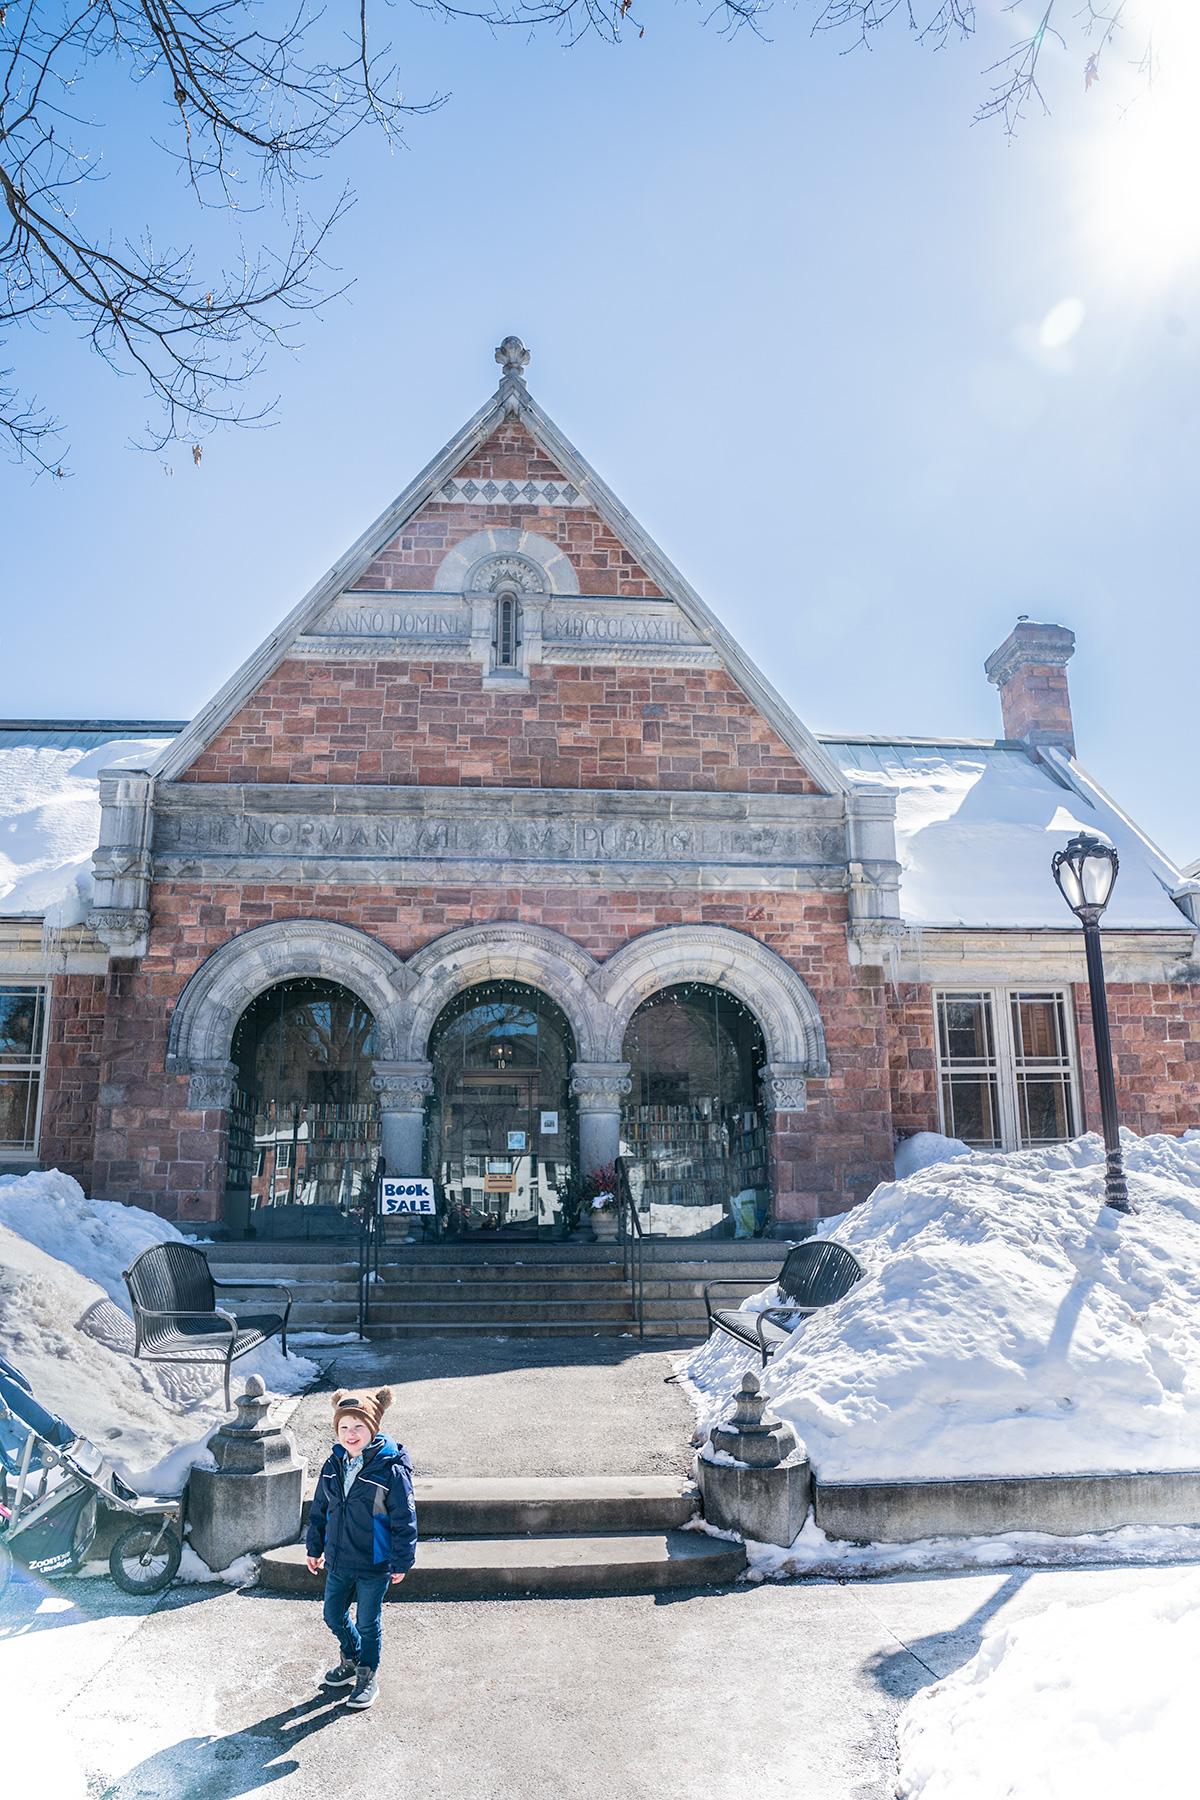 Town-of-Woodstock-Vermont-in-Winter